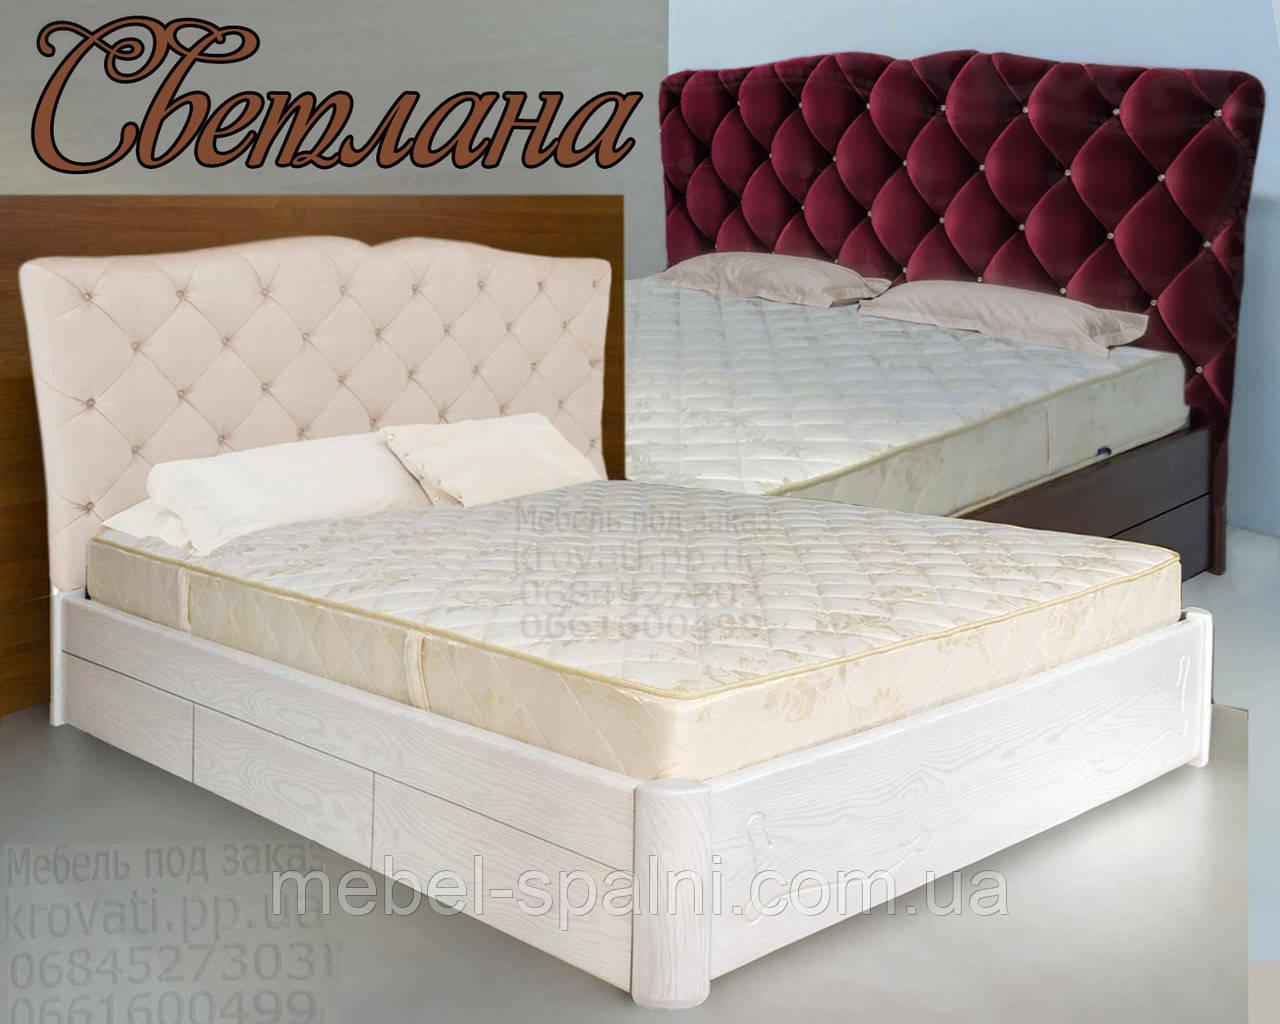 Кровать деревянная «Светлана»